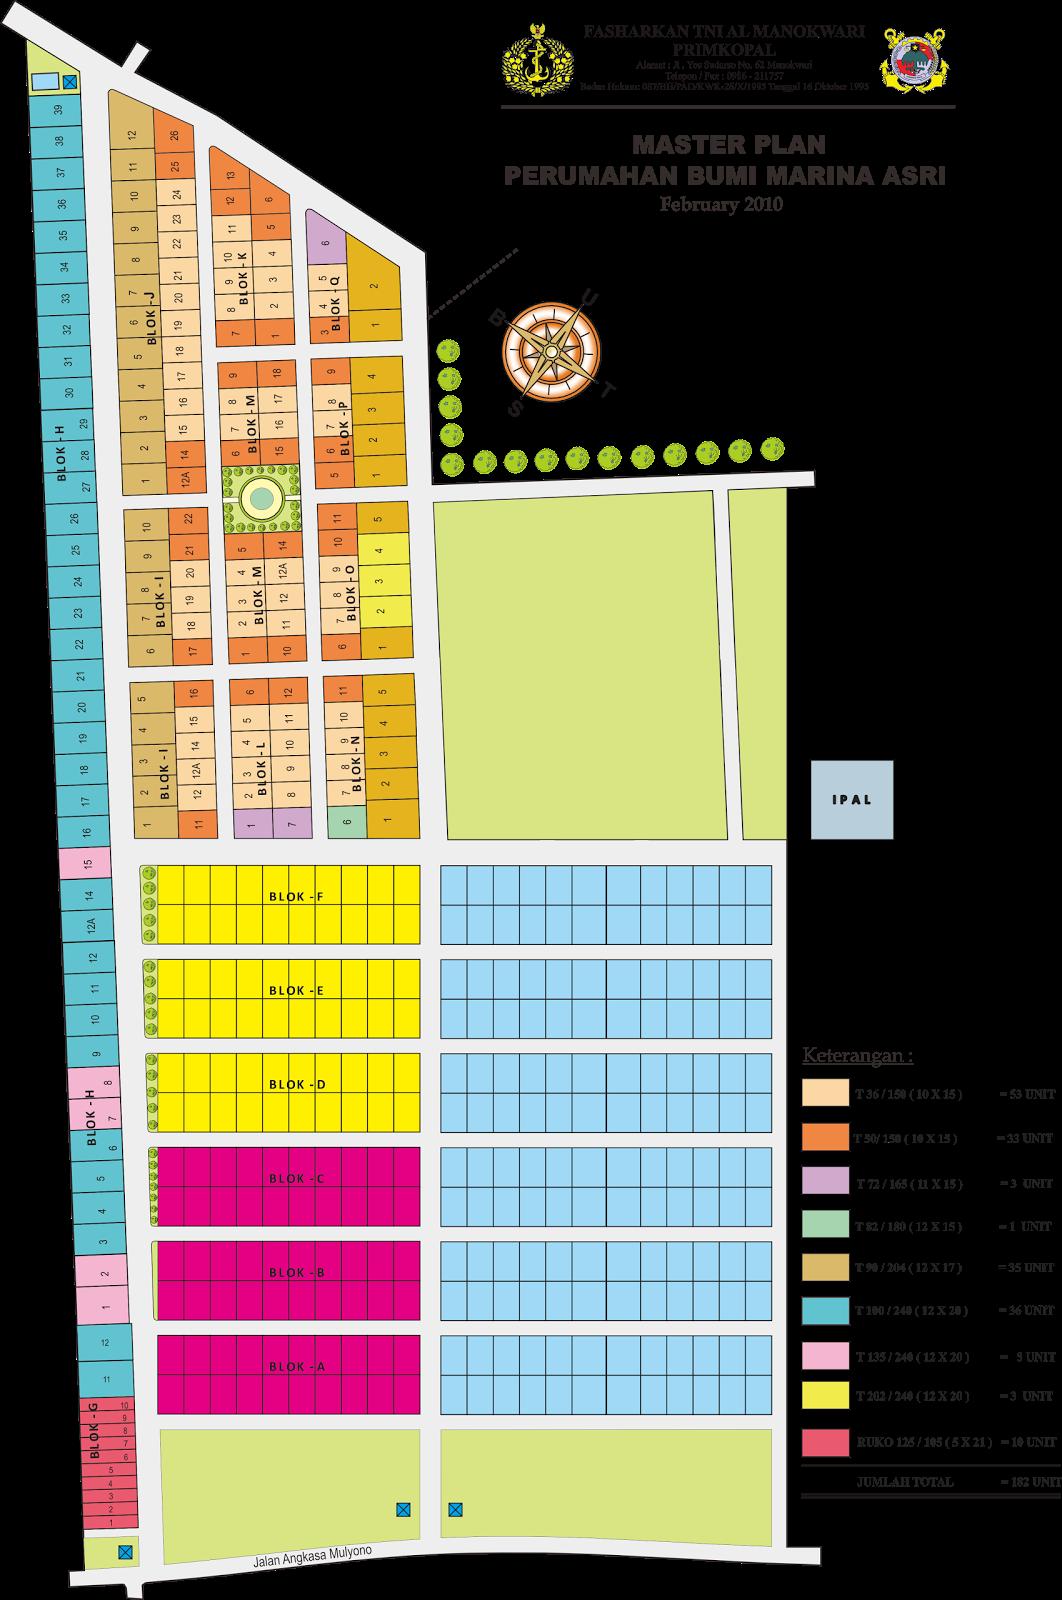 master plan bumi marina asri